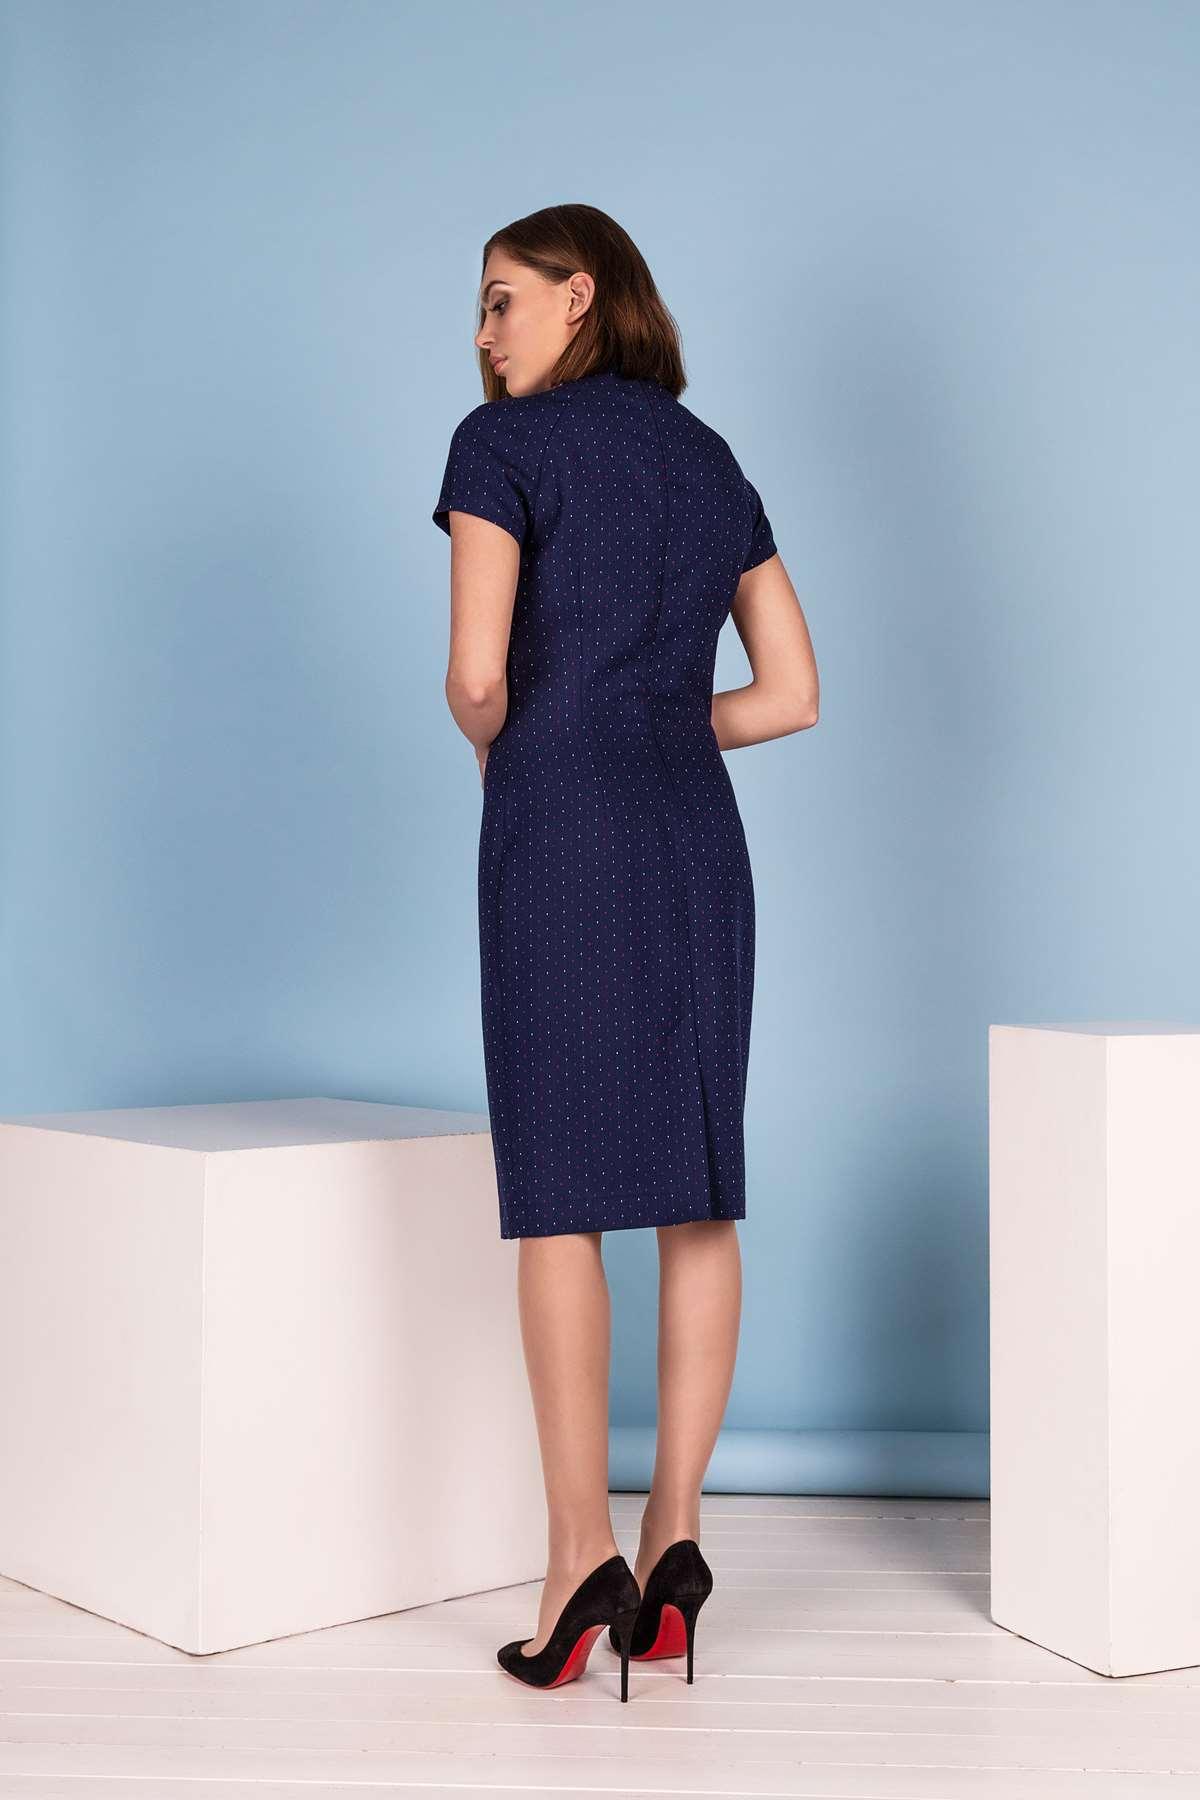 """Tamsiai mėlyna dalykinė suknelė """"My own dress 24"""""""